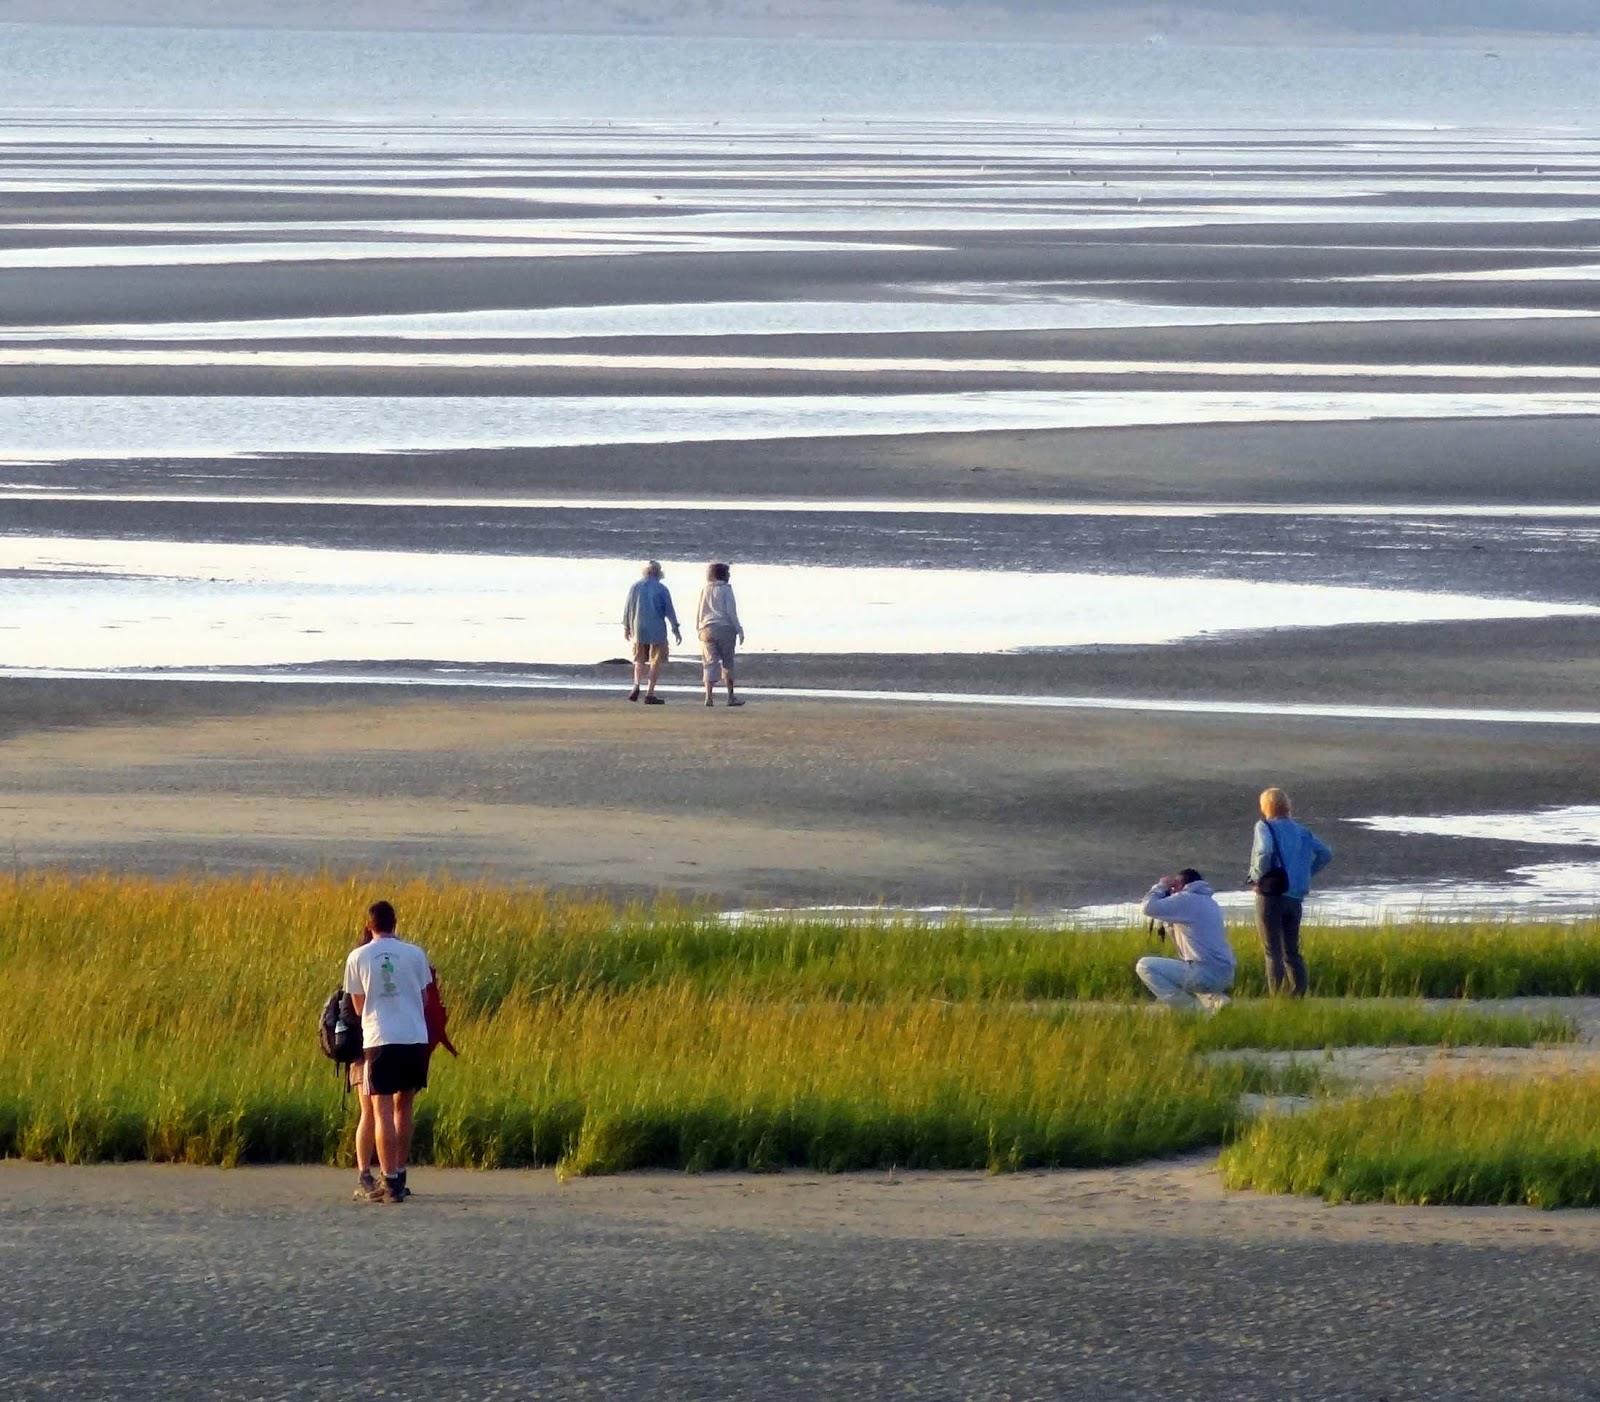 Joe's Retirement Blog: Sunset, First Encounter Beach